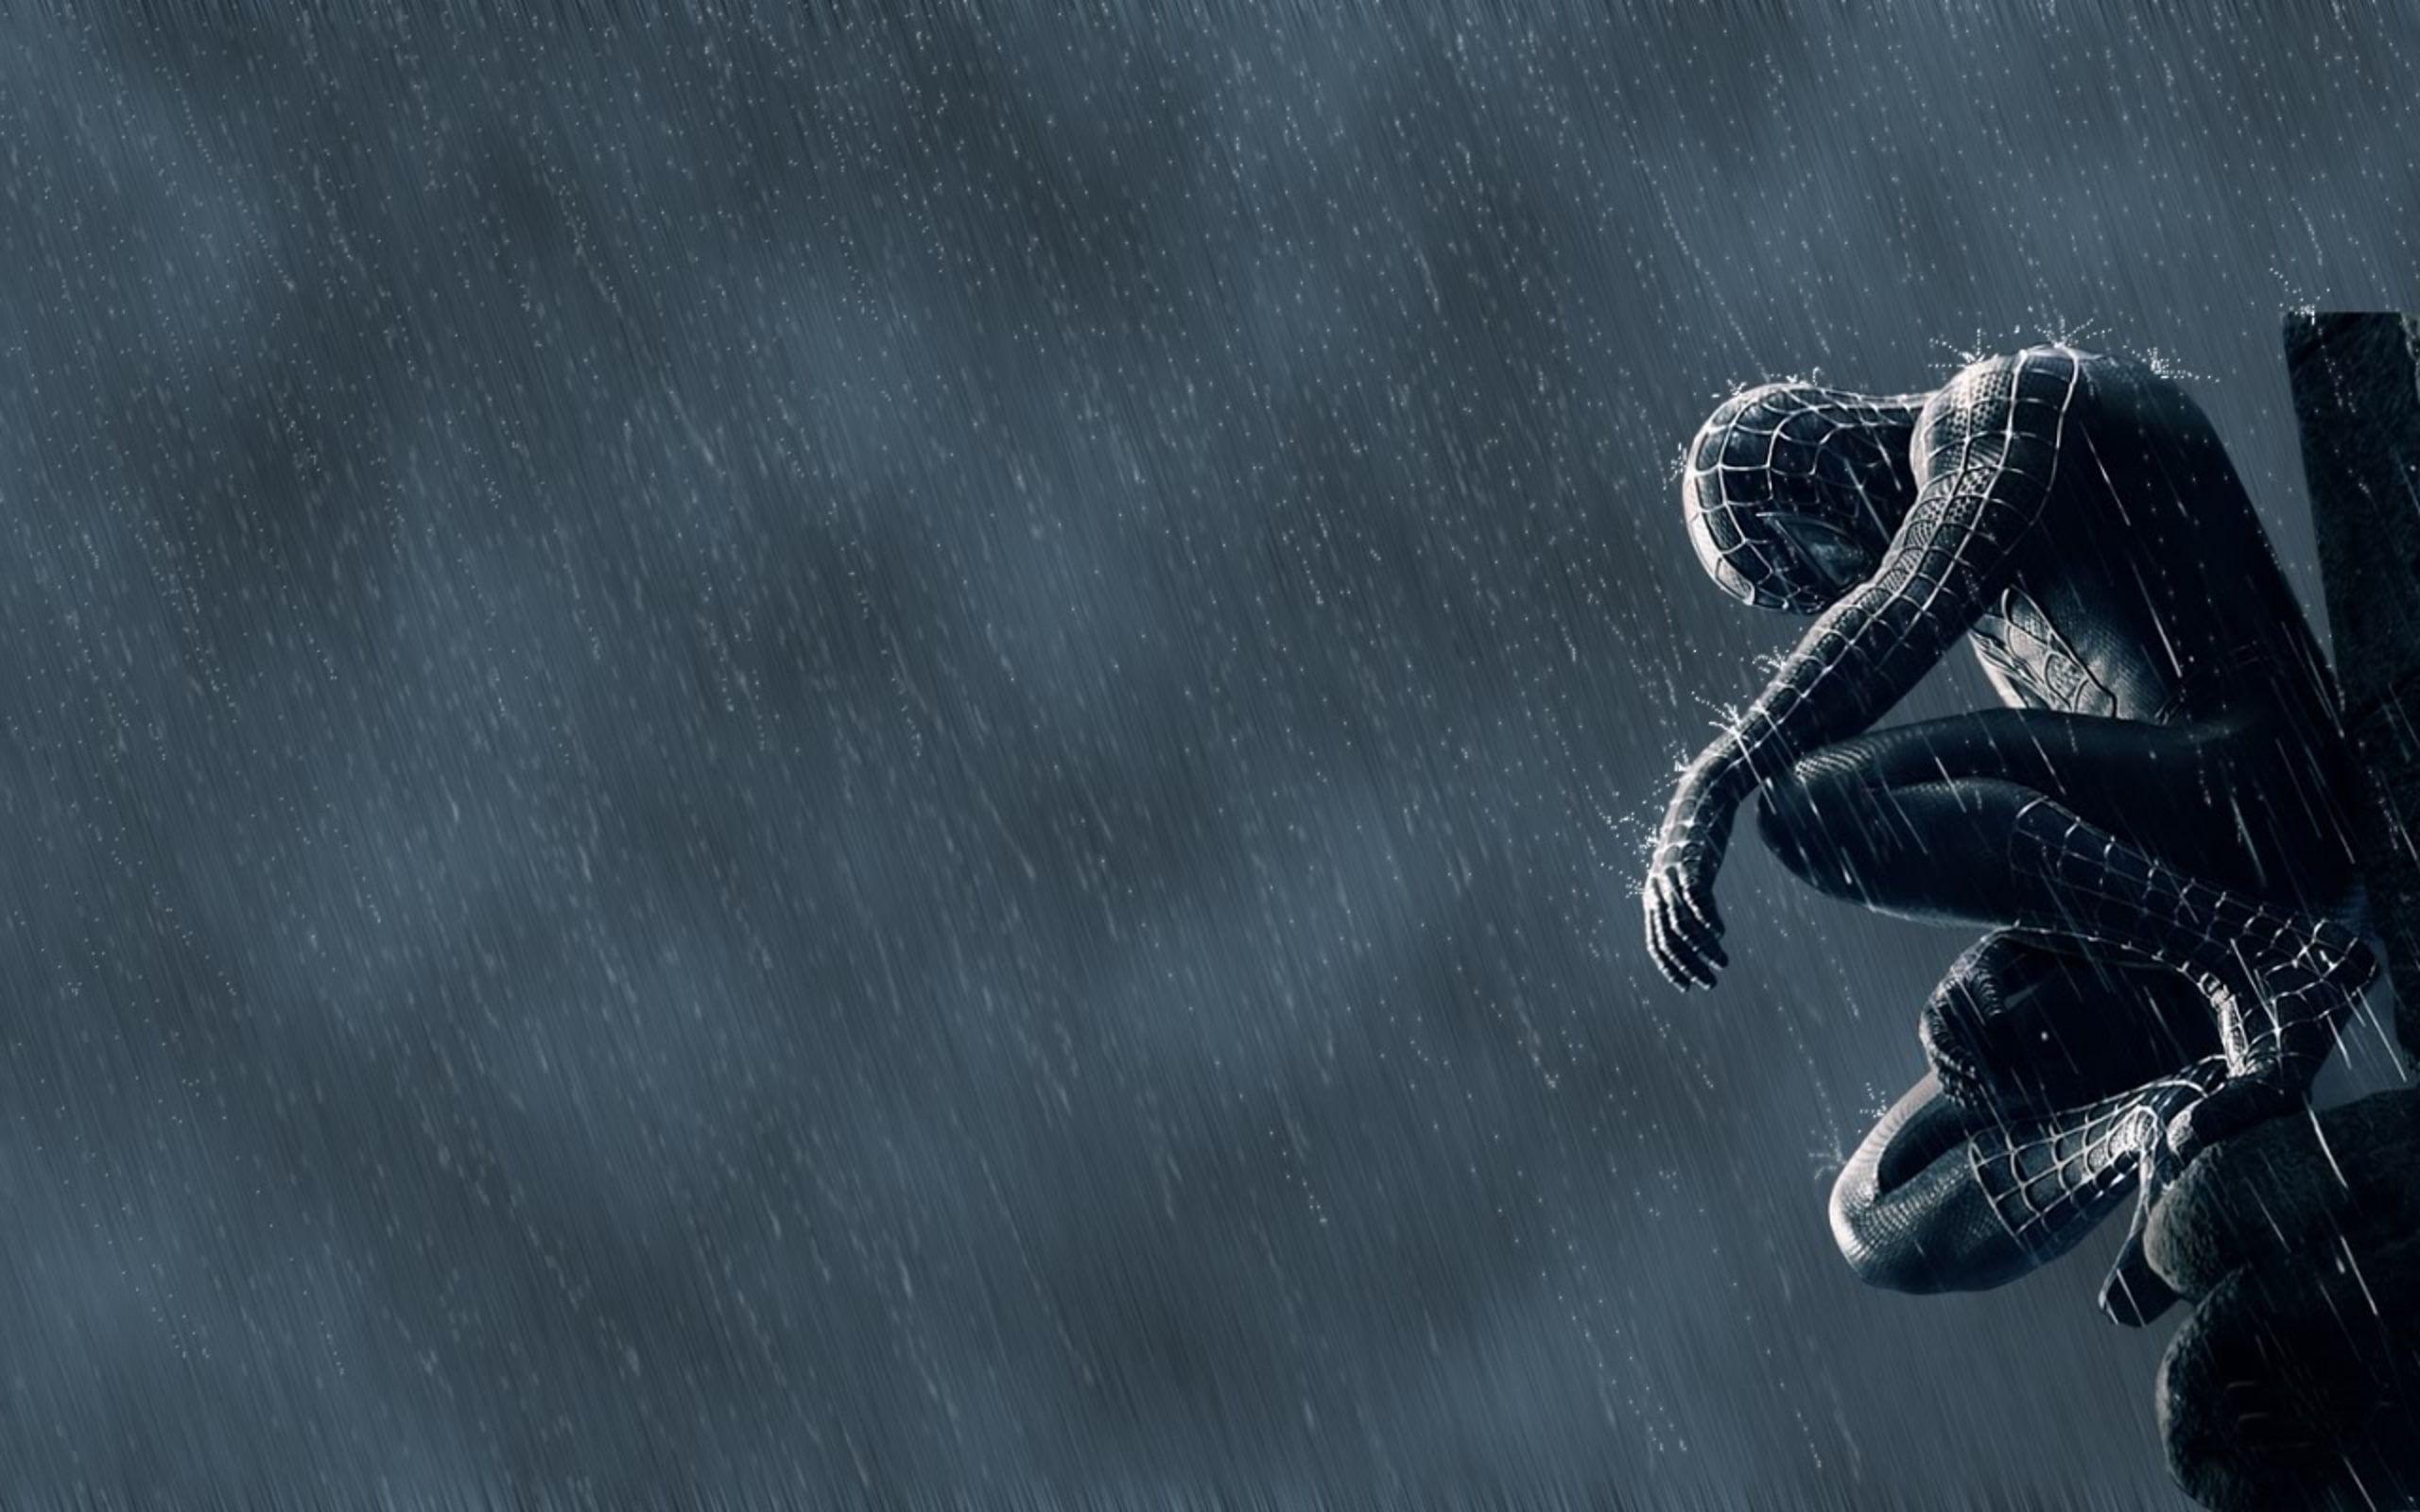 Spider Man Hd Black Spiderman Comics Man Spider 2k Wallpaper Hdwallpaper Desktop Black Spiderman Spiderman Pictures Spiderman